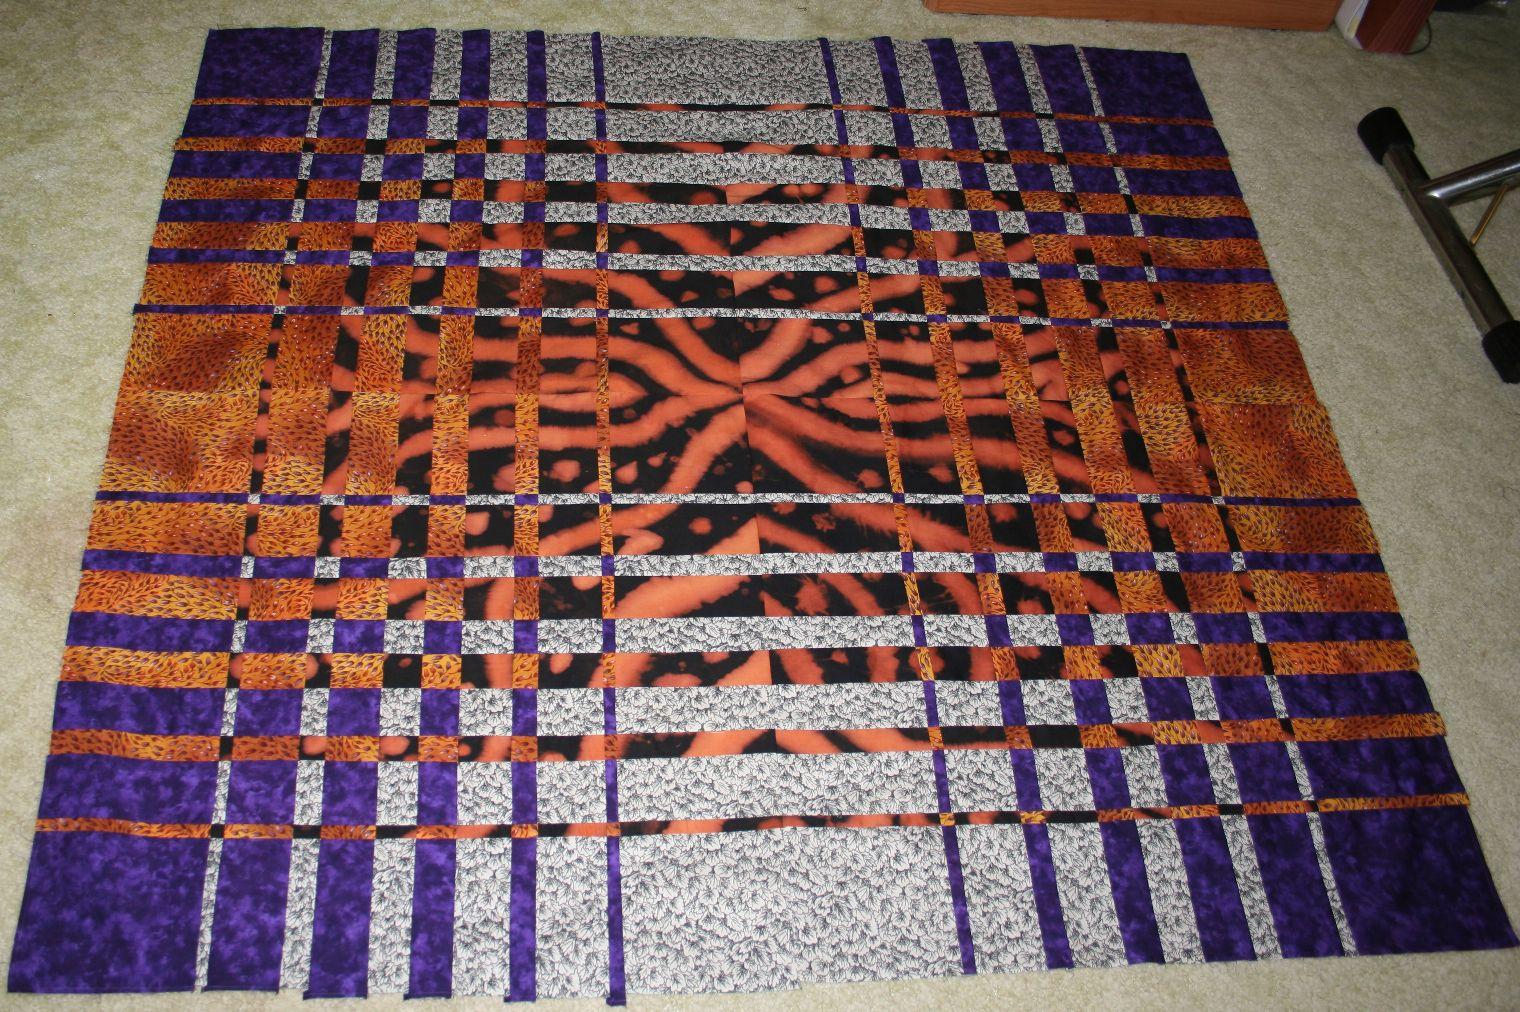 kaliedescopic | convergence quilts | Pinterest | Quilt art ... : convergence quilt - Adamdwight.com